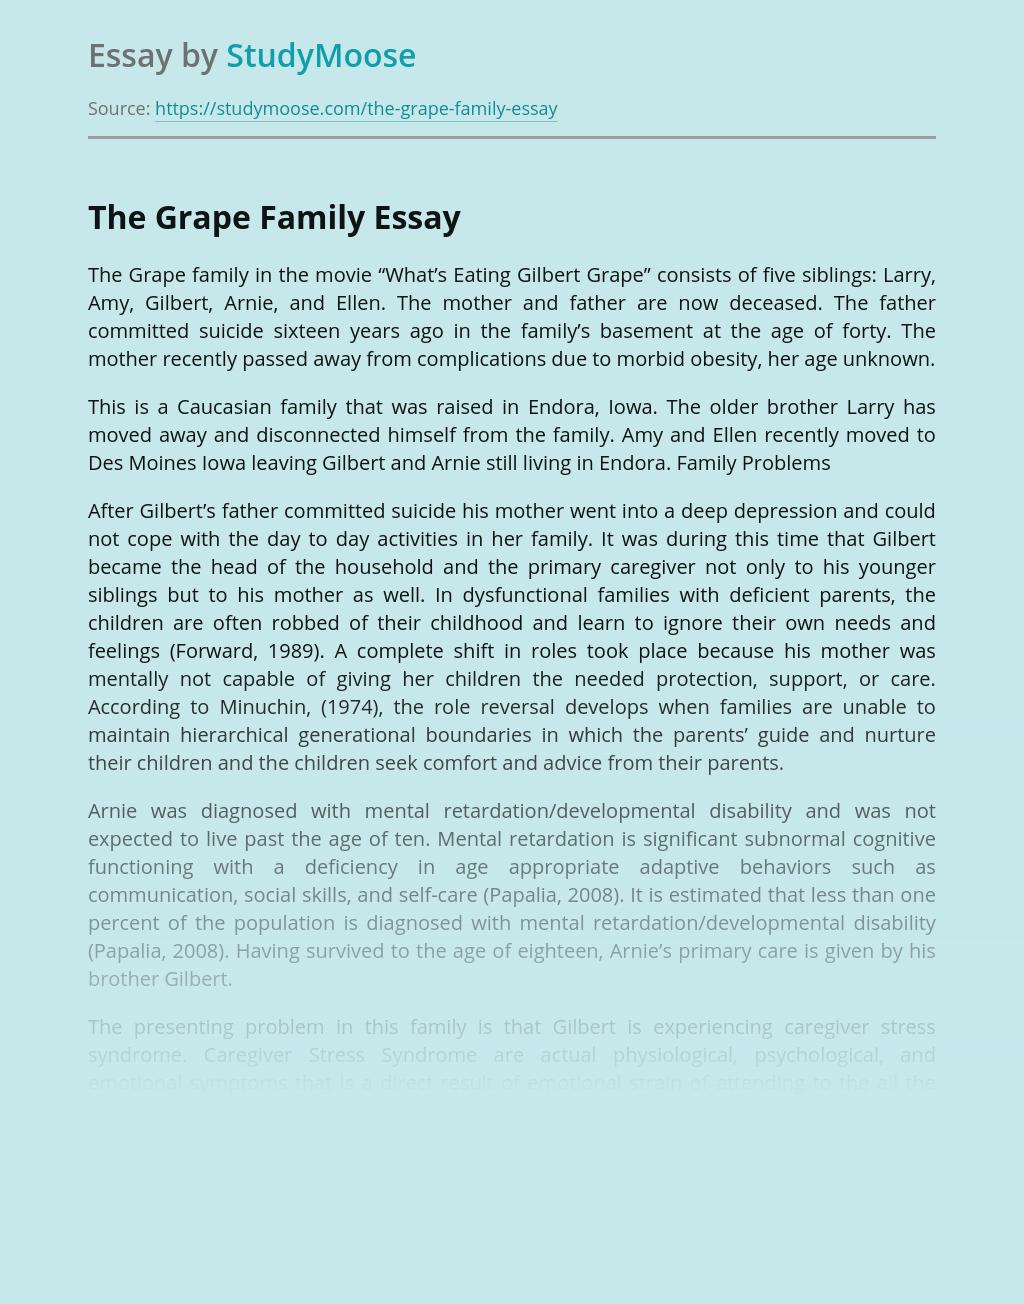 The Grape Family